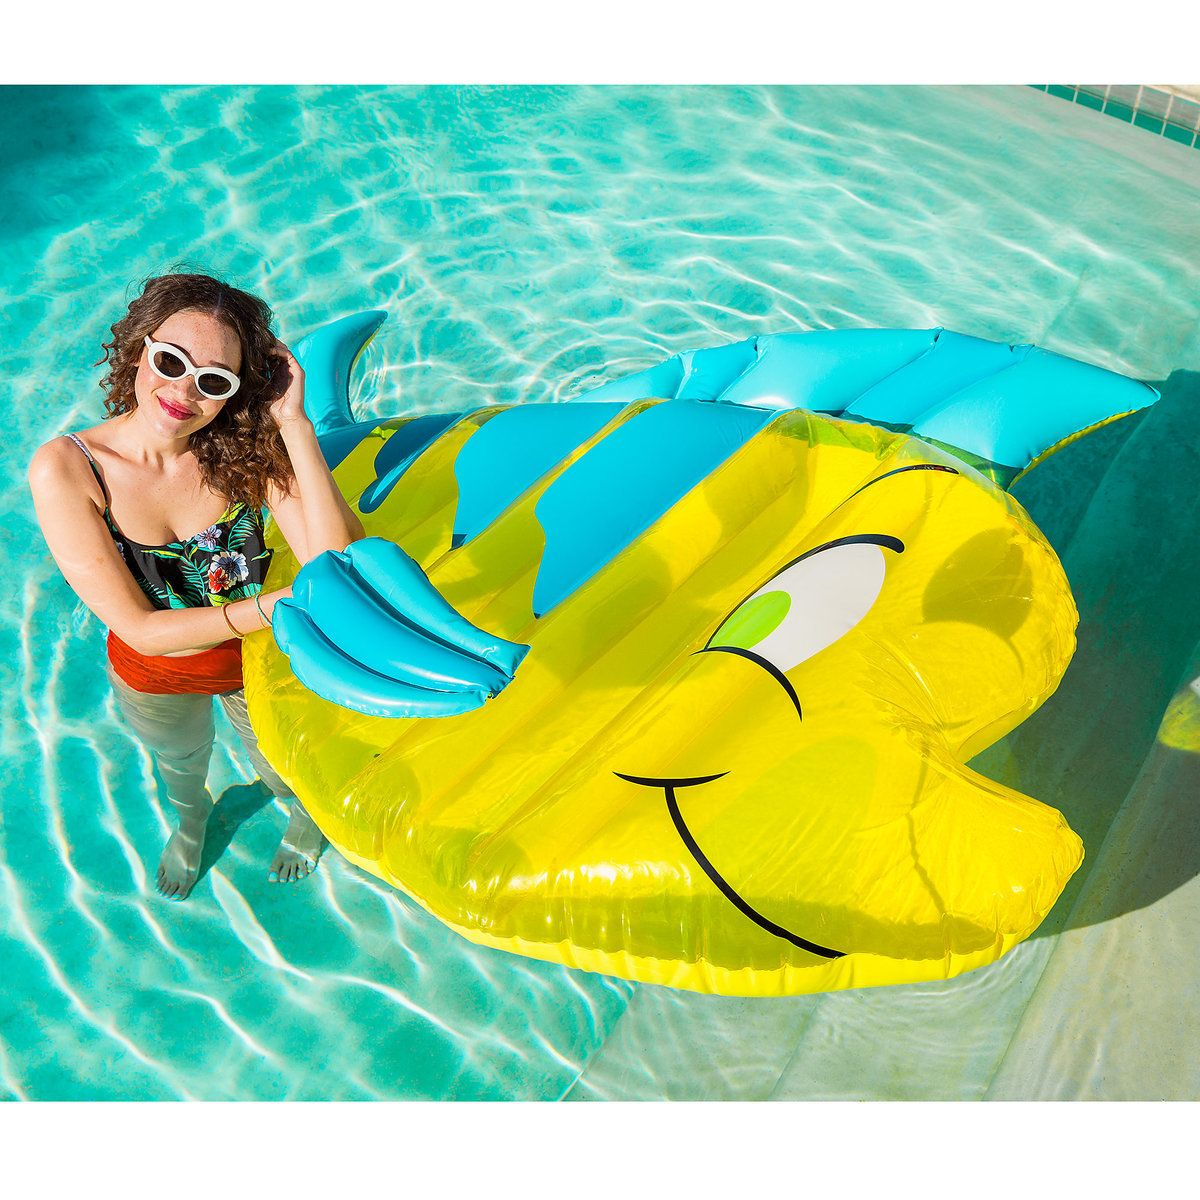 Flounder Pool Float The Little Mermaid Oh My Disney Mermaid